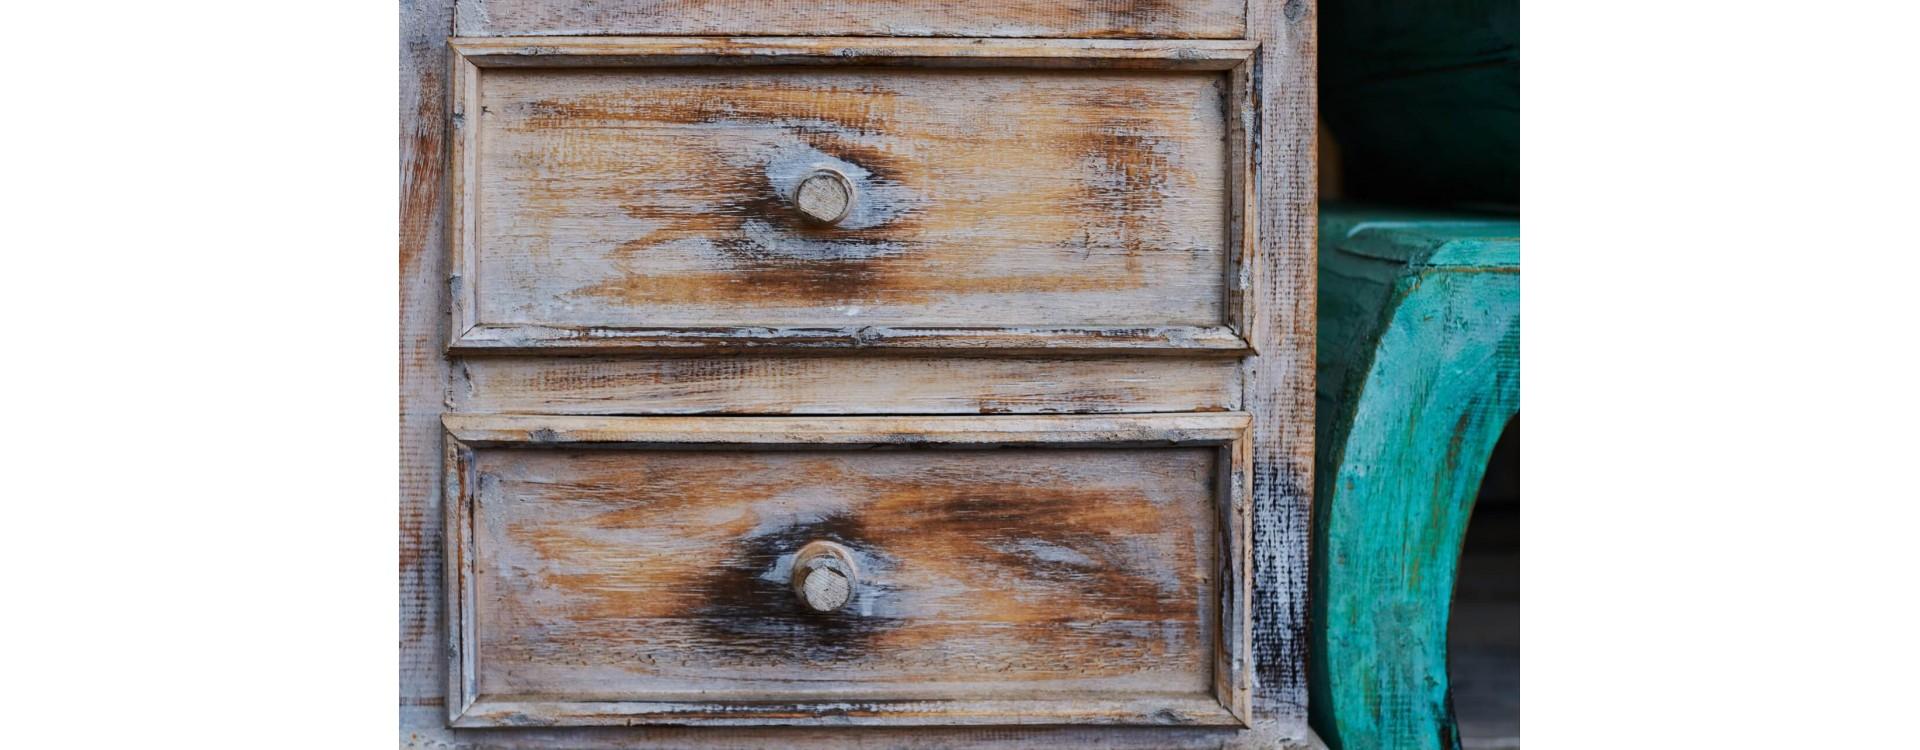 Come Scartavetrare Il Legno come shabbare un mobile di legno scuro - a proposito di legno